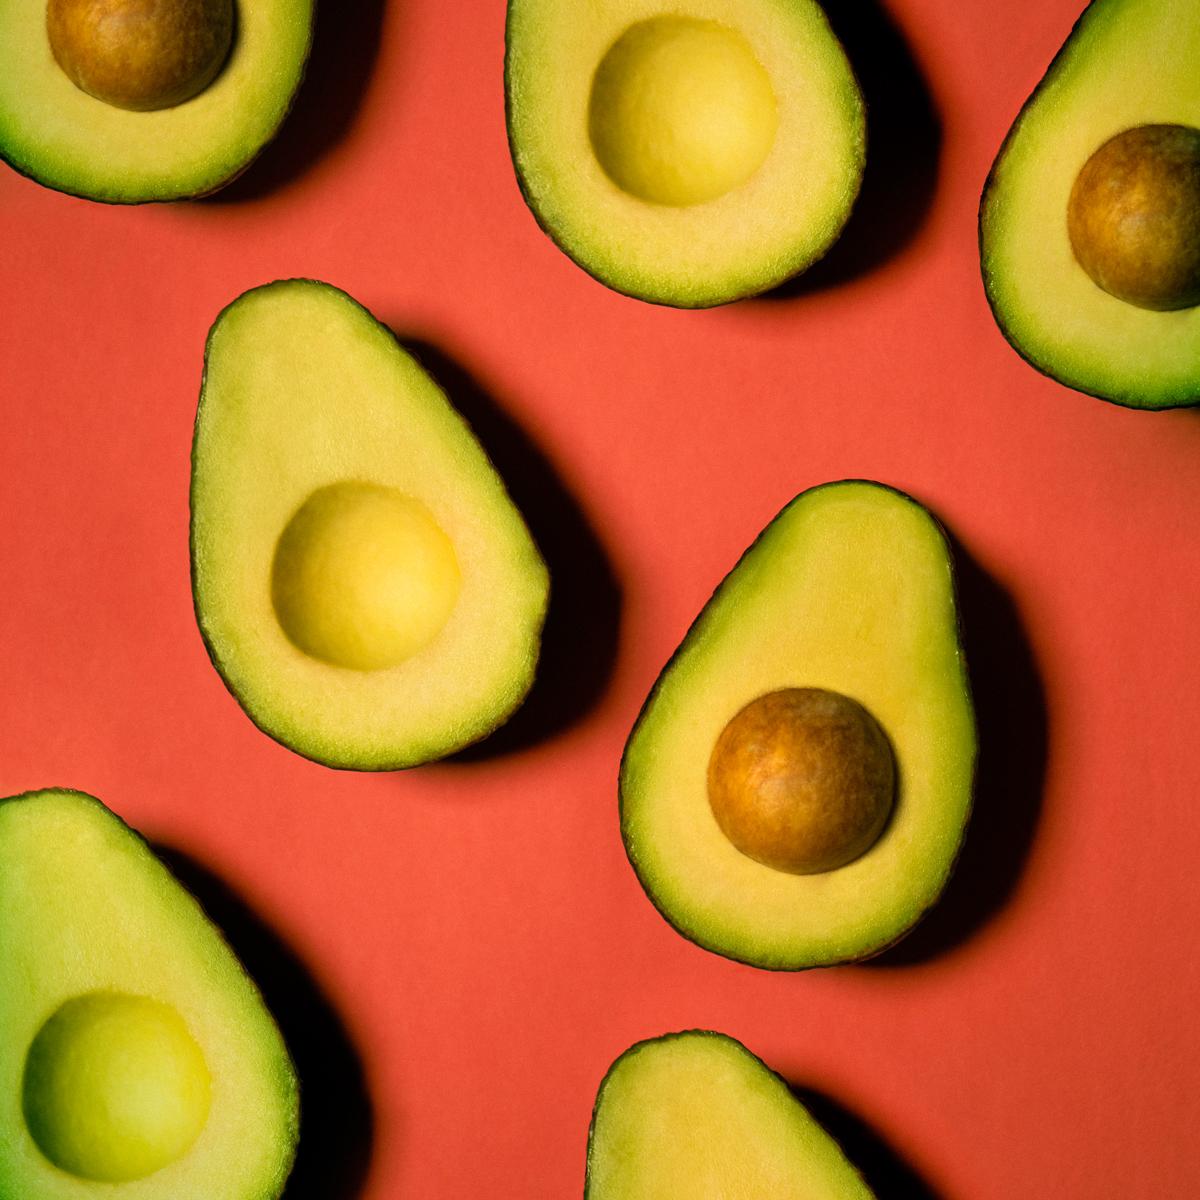 avocados2_insta.jpg